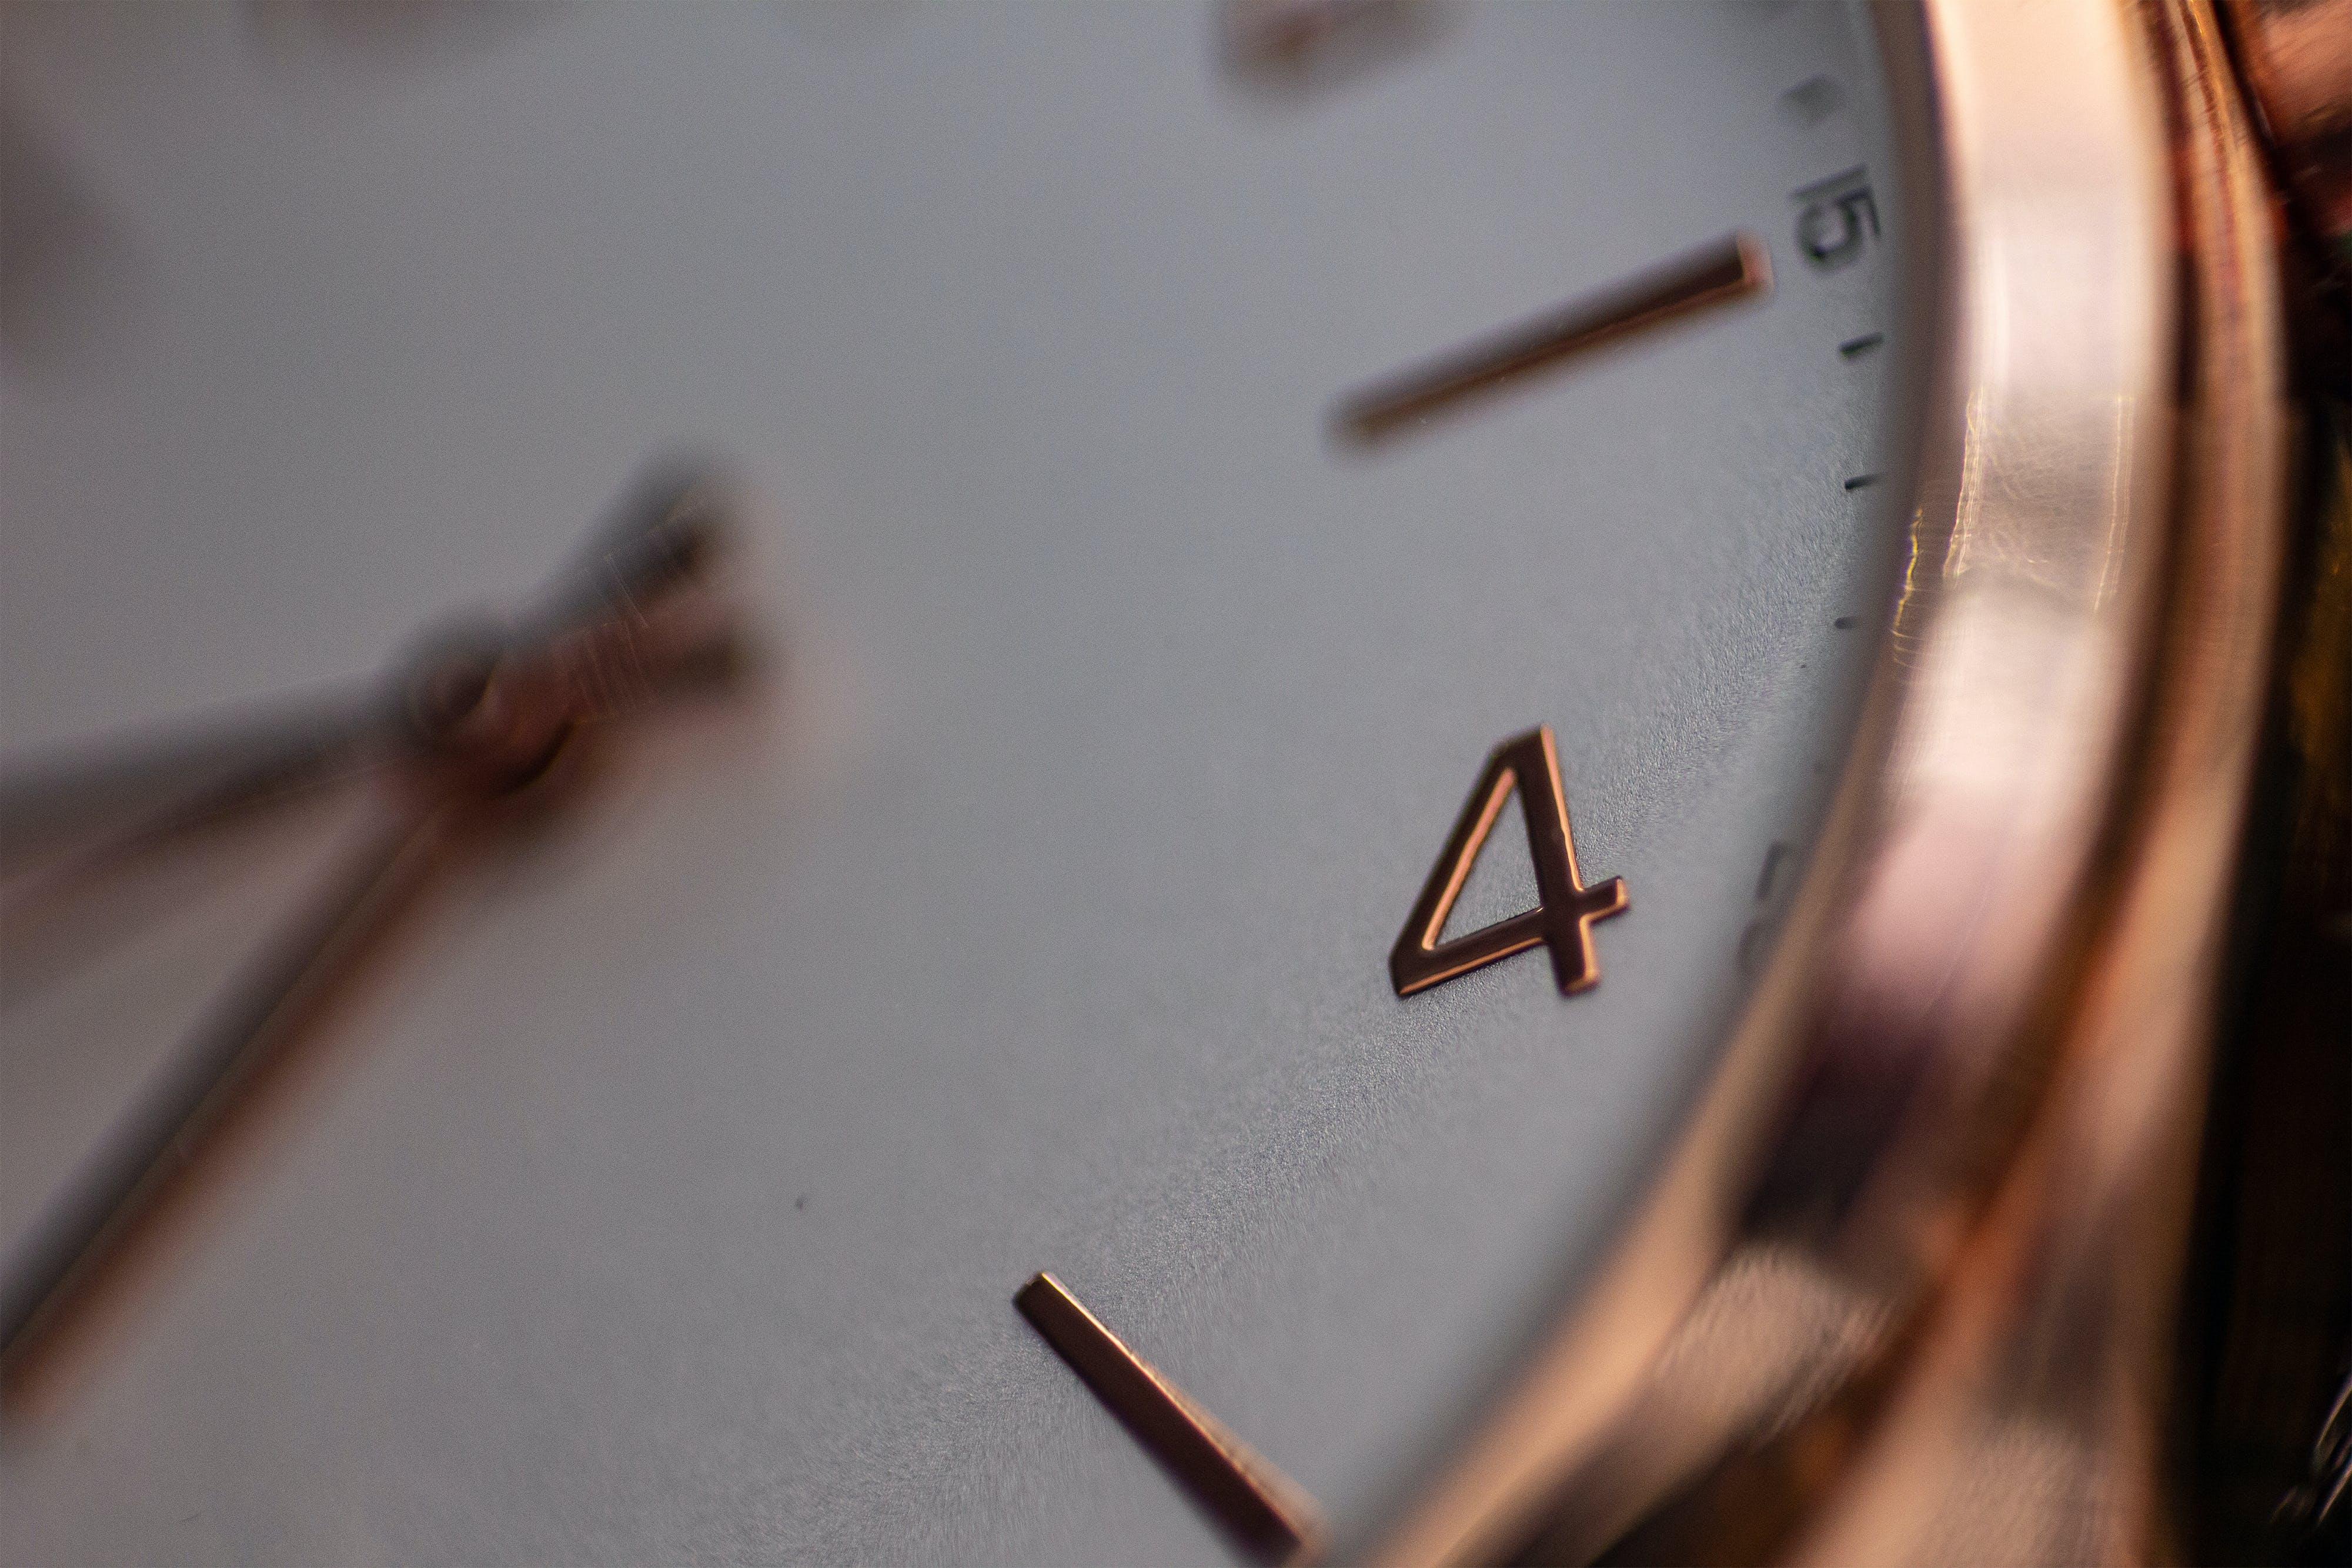 アナログ時計, マクロ, マクロ撮影, 時間の無料の写真素材